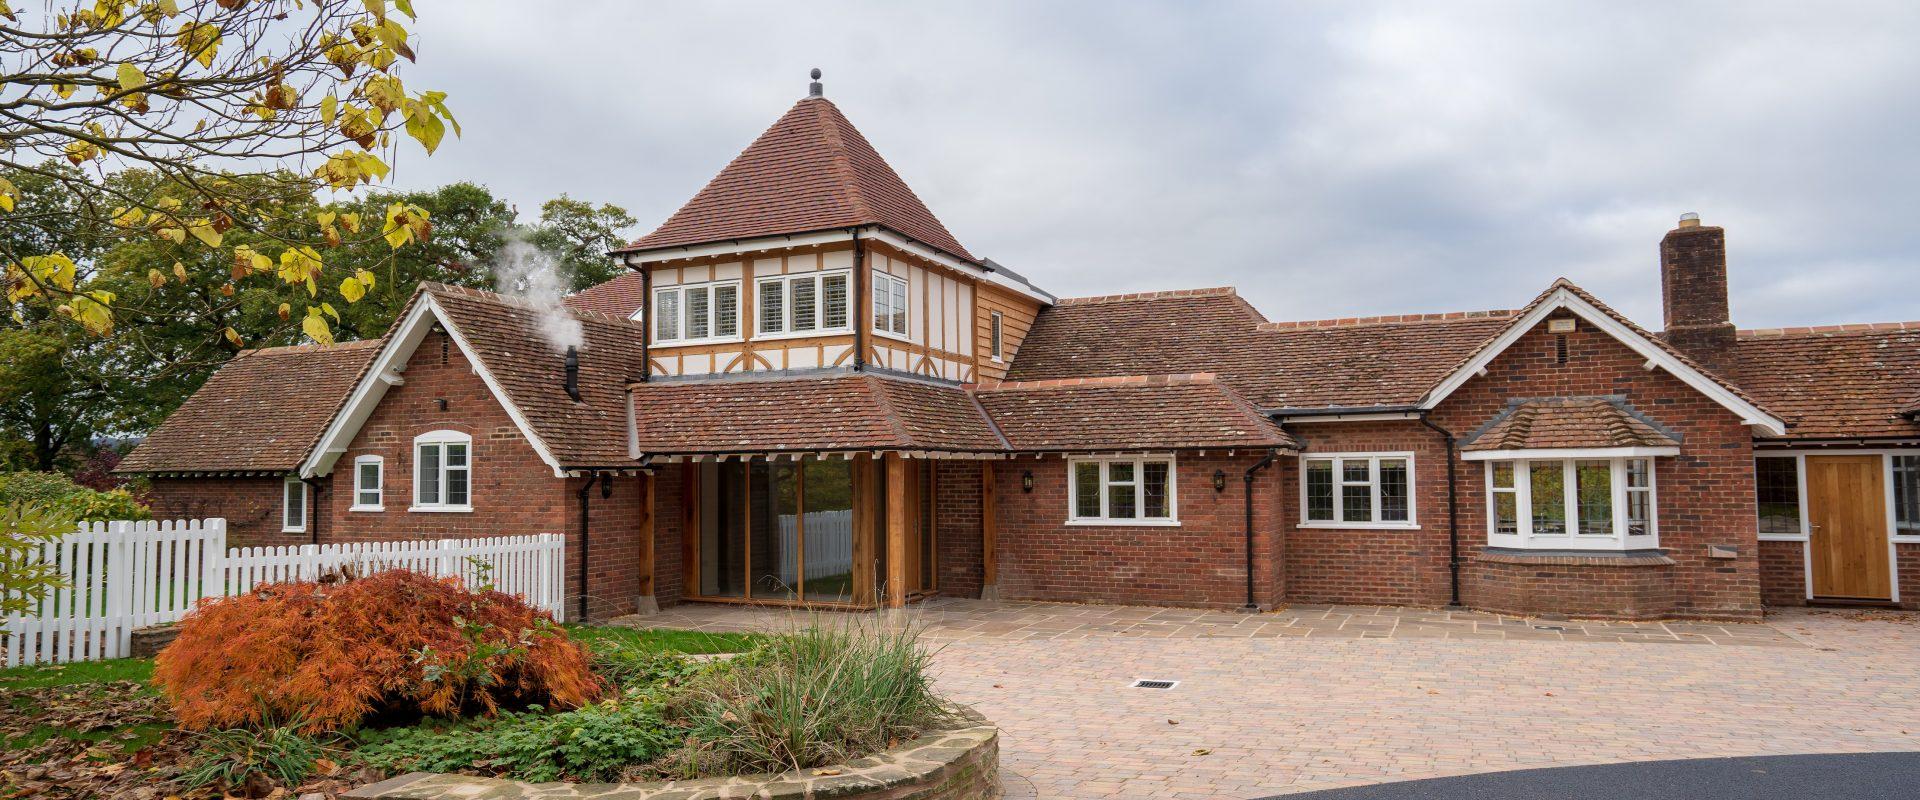 Spring Cottage 7